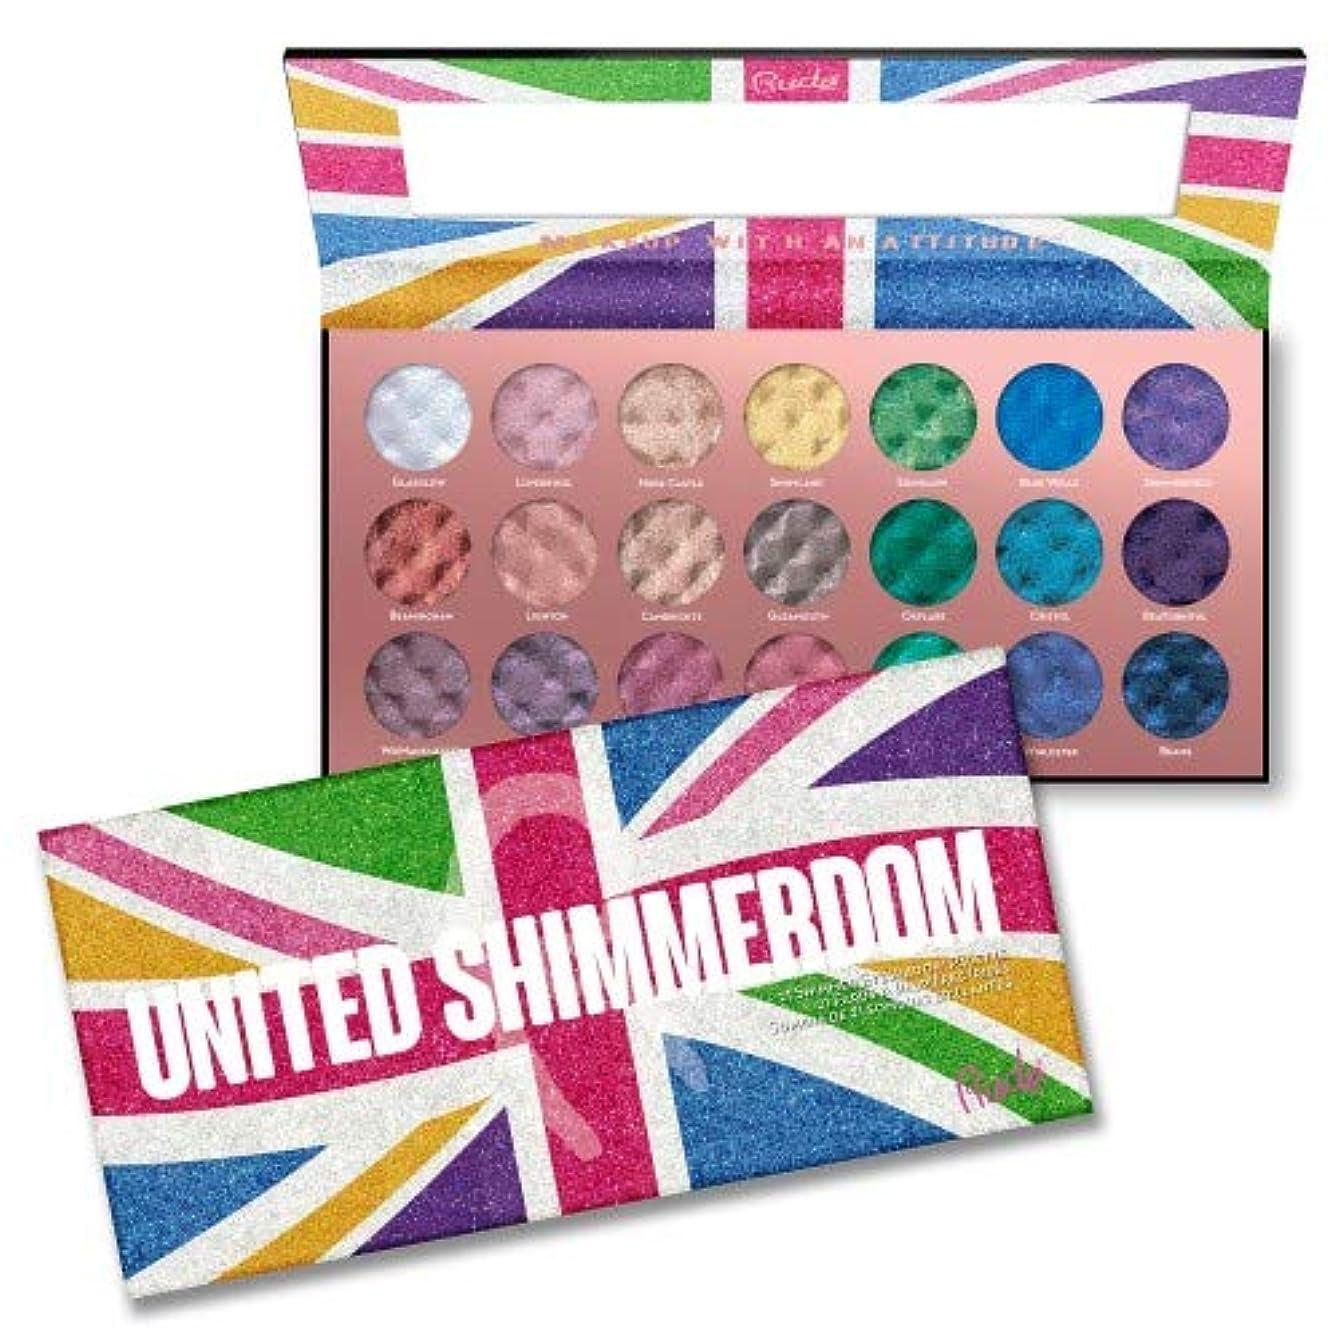 神秘的なフェザー入り口RUDE United Shimmerdom - 21 Shimmer Eyeshadow Palette (並行輸入品)